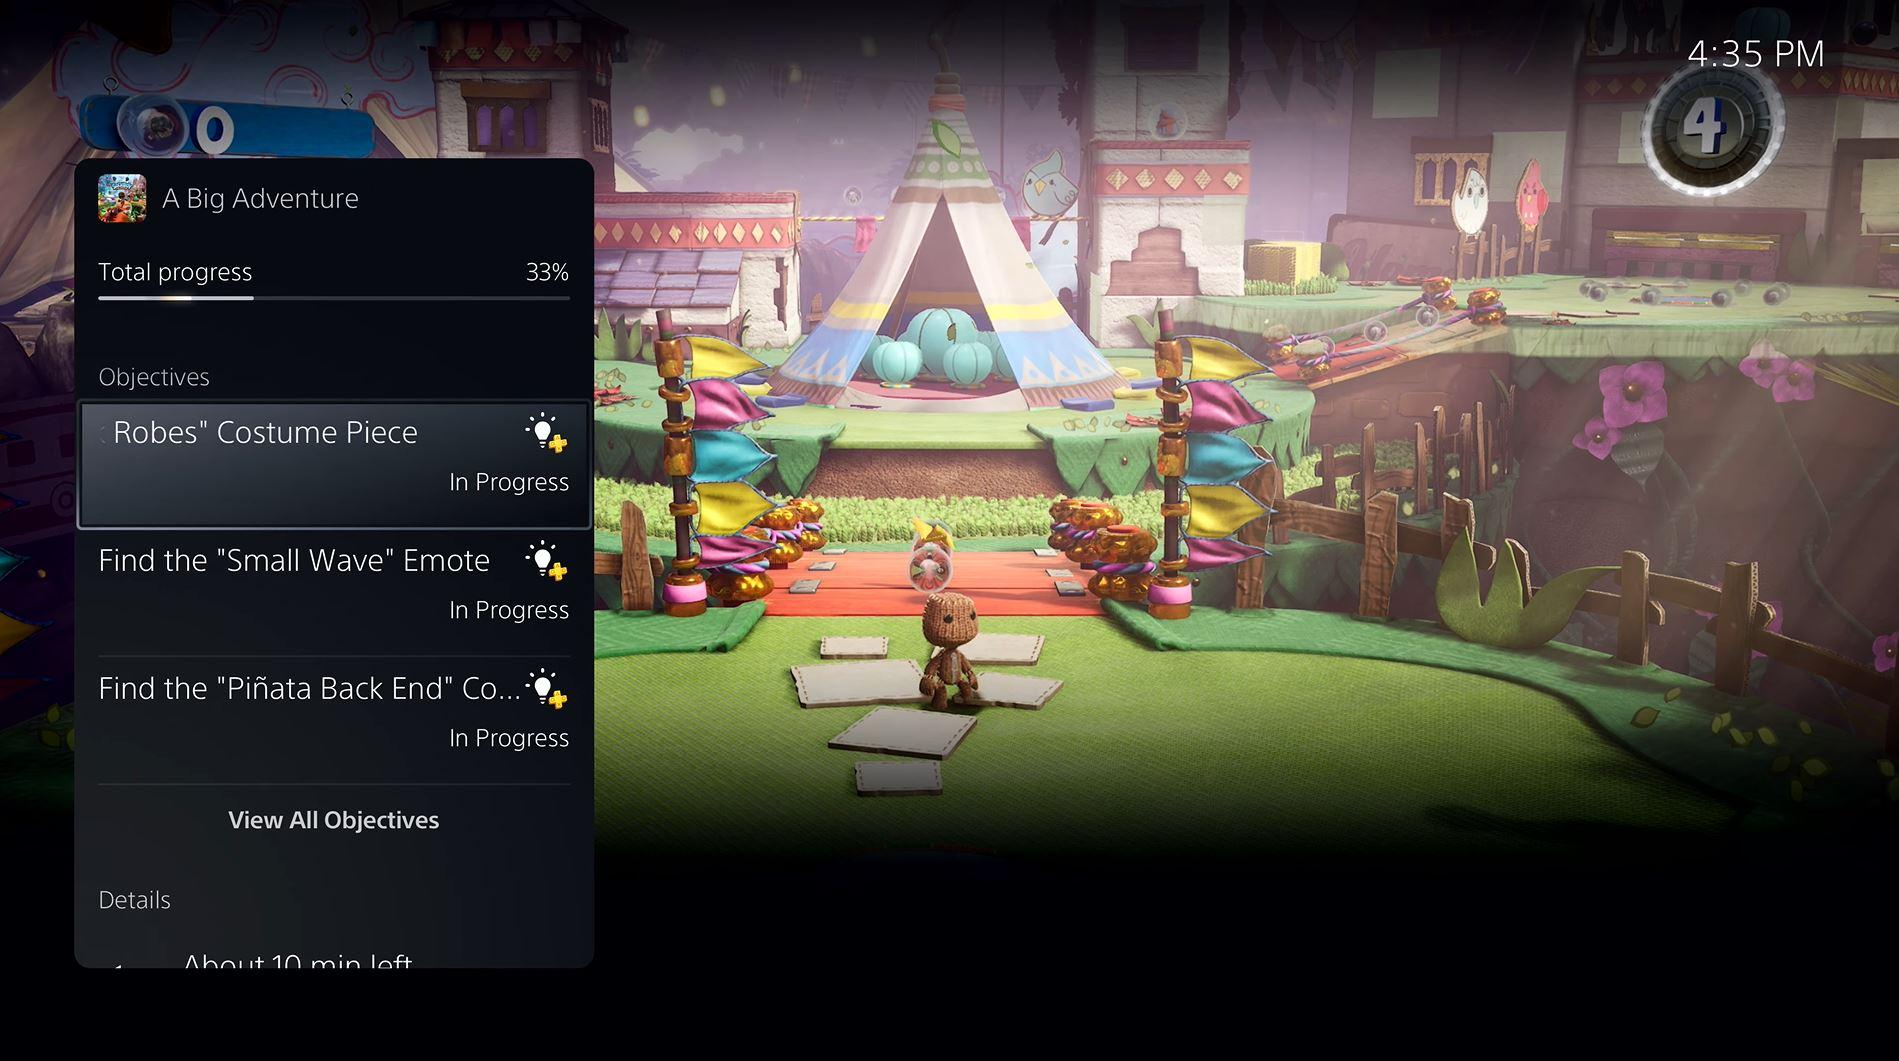 PS5 avrà delle guide e suggerimenti per avanzare in un gioco, ma saranno riservati agli abbonati al PS Plus